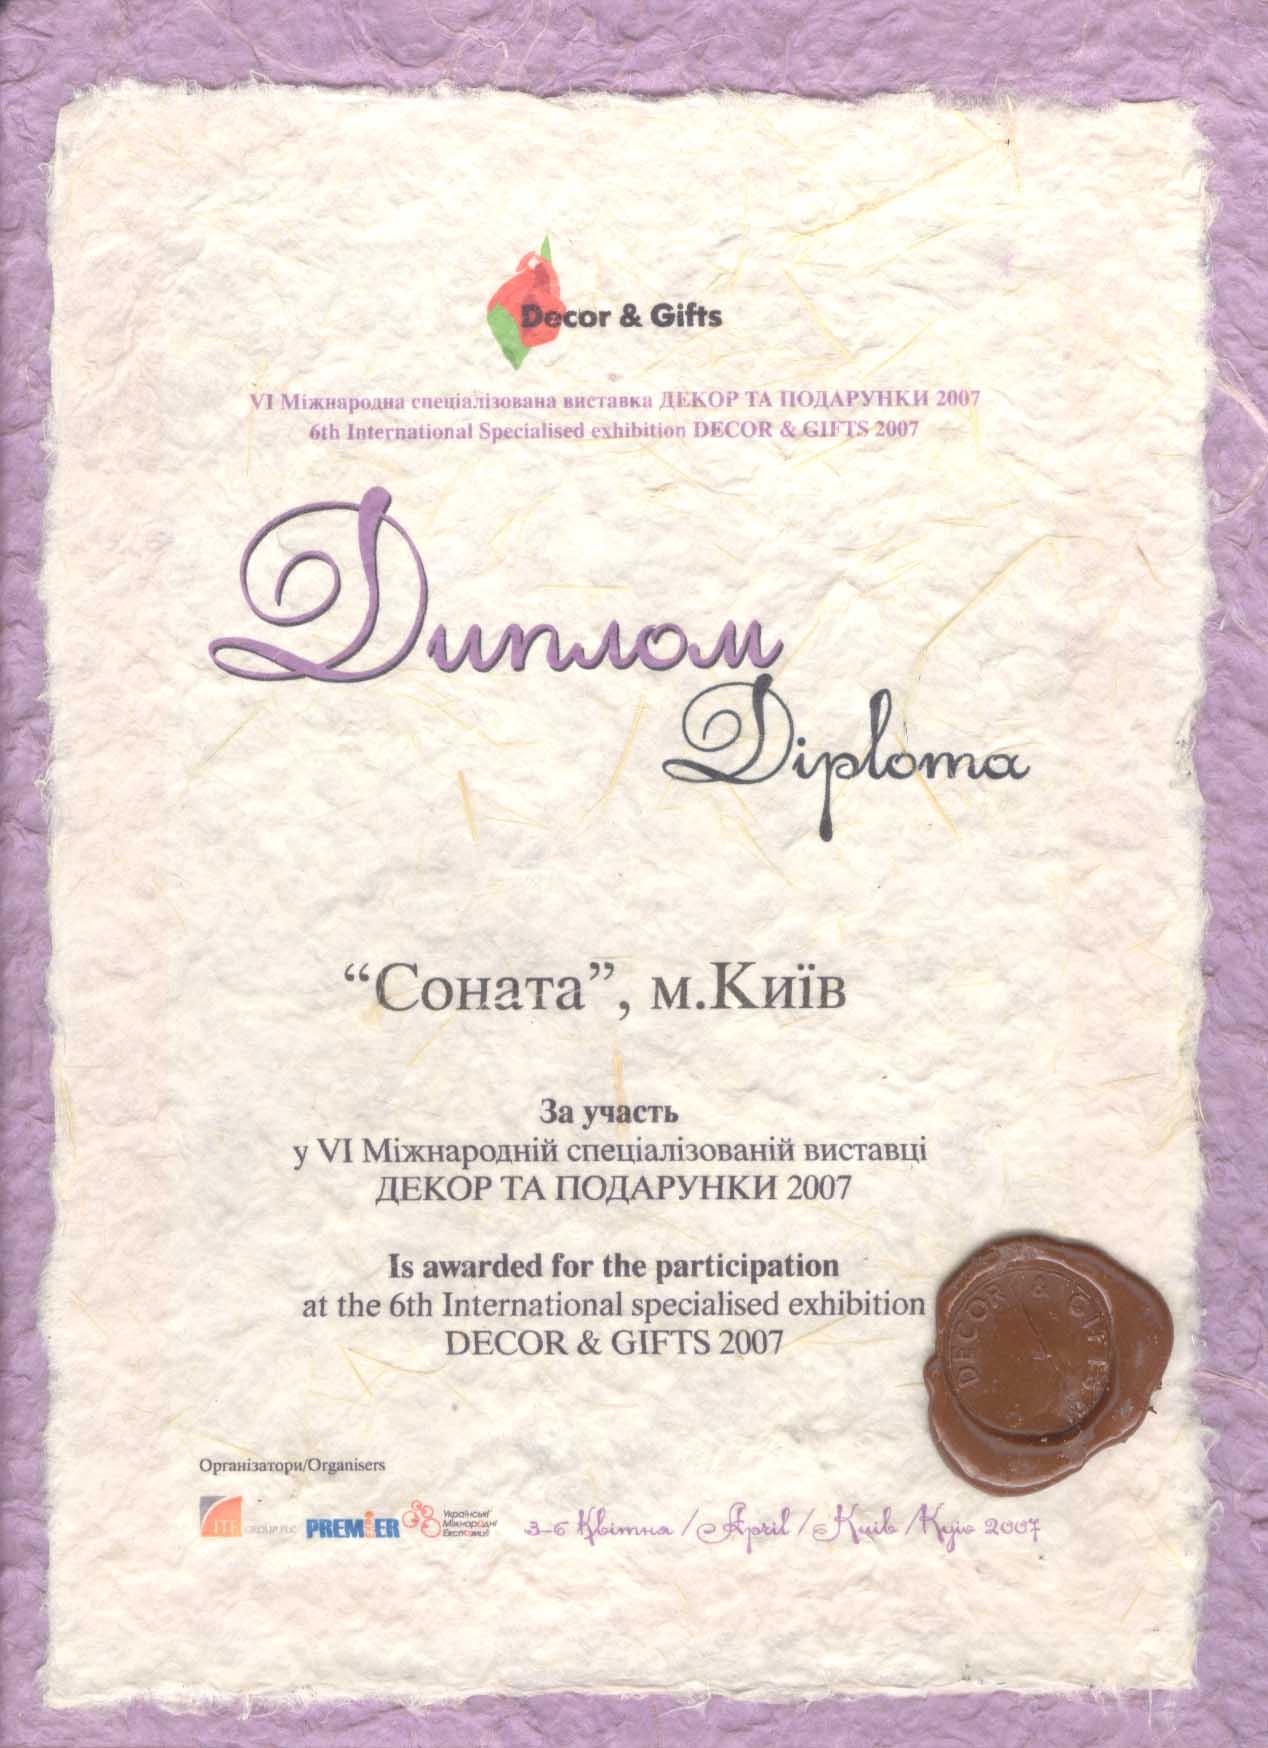 Диплом Соната за участие в выставке Подарки и декор-2007